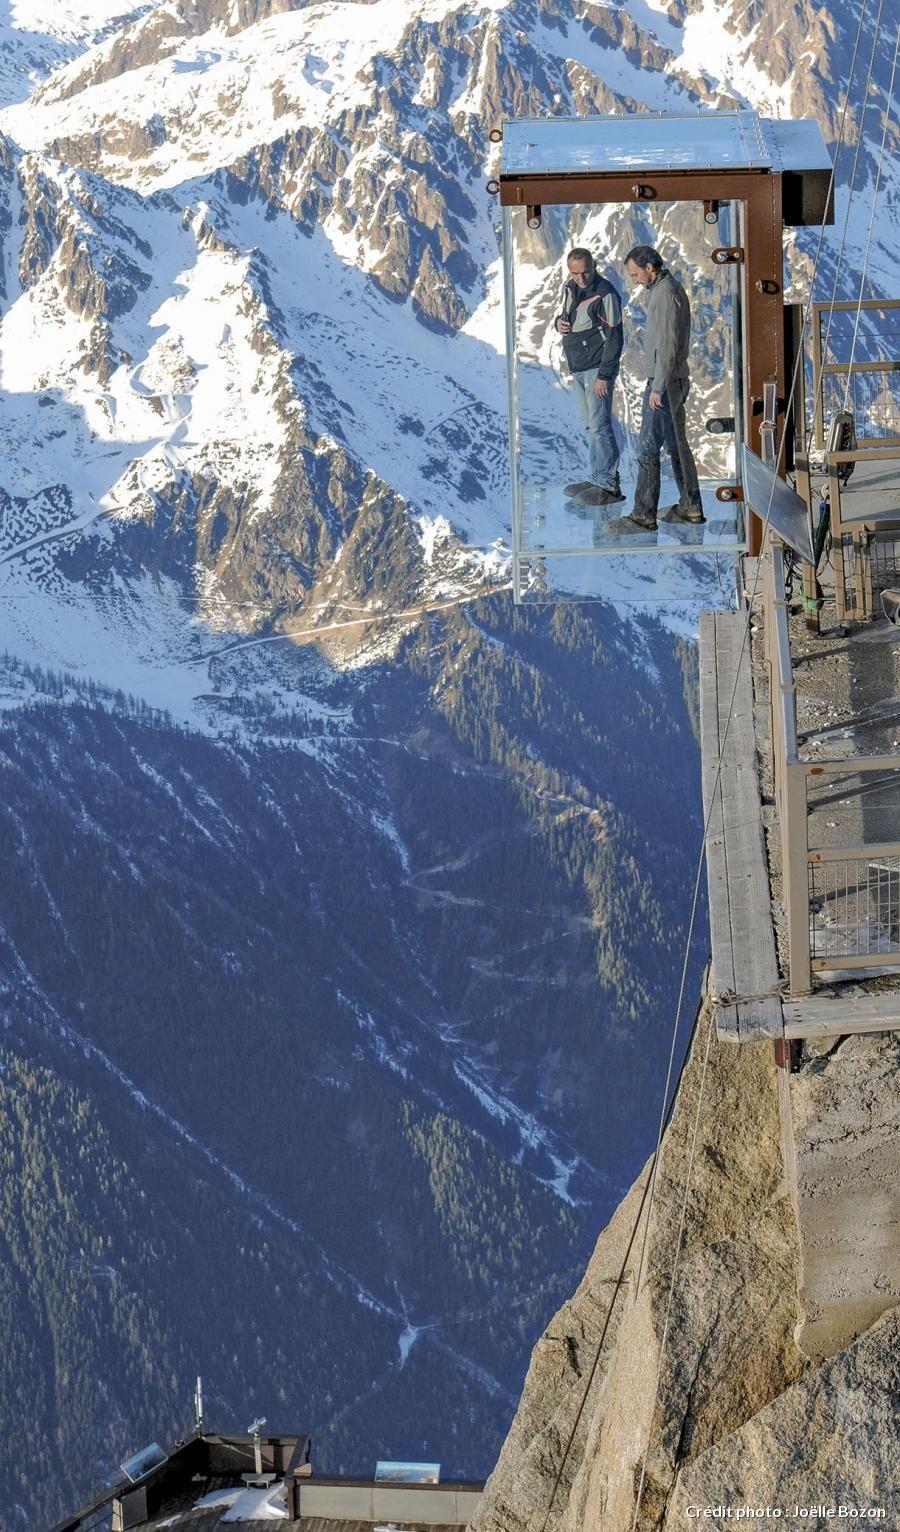 Aiguille Du Midi Le Pas Dans Le Vide grand frisson à l'aiguille du midi | chamonix | pinterest | french